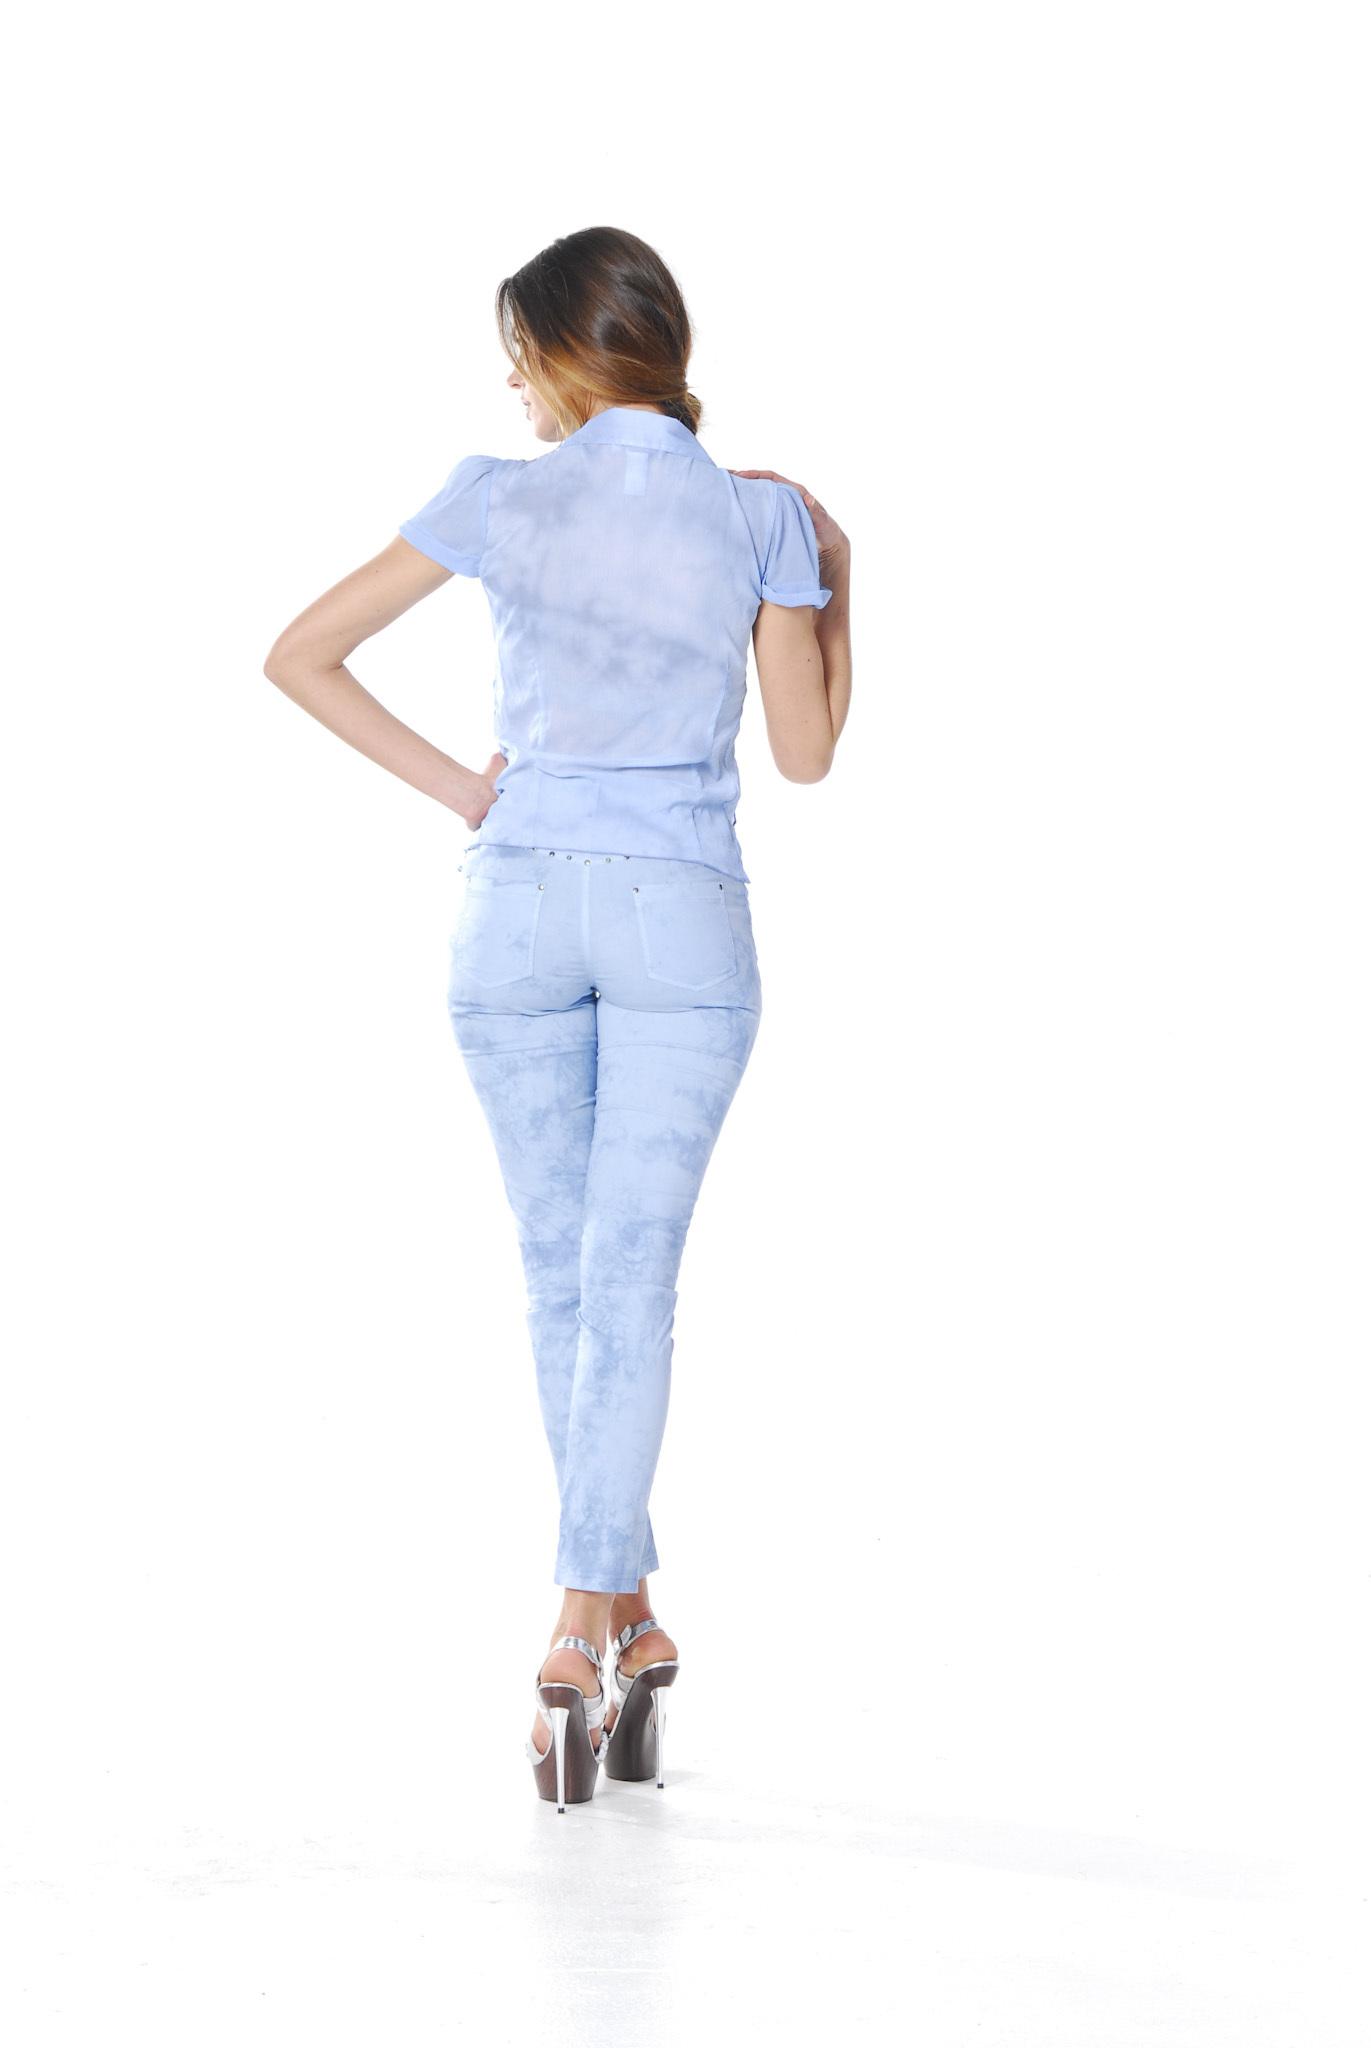 Les Fees Du Vent Couture: Pantalon Baby Blue Splash LFDV_888113